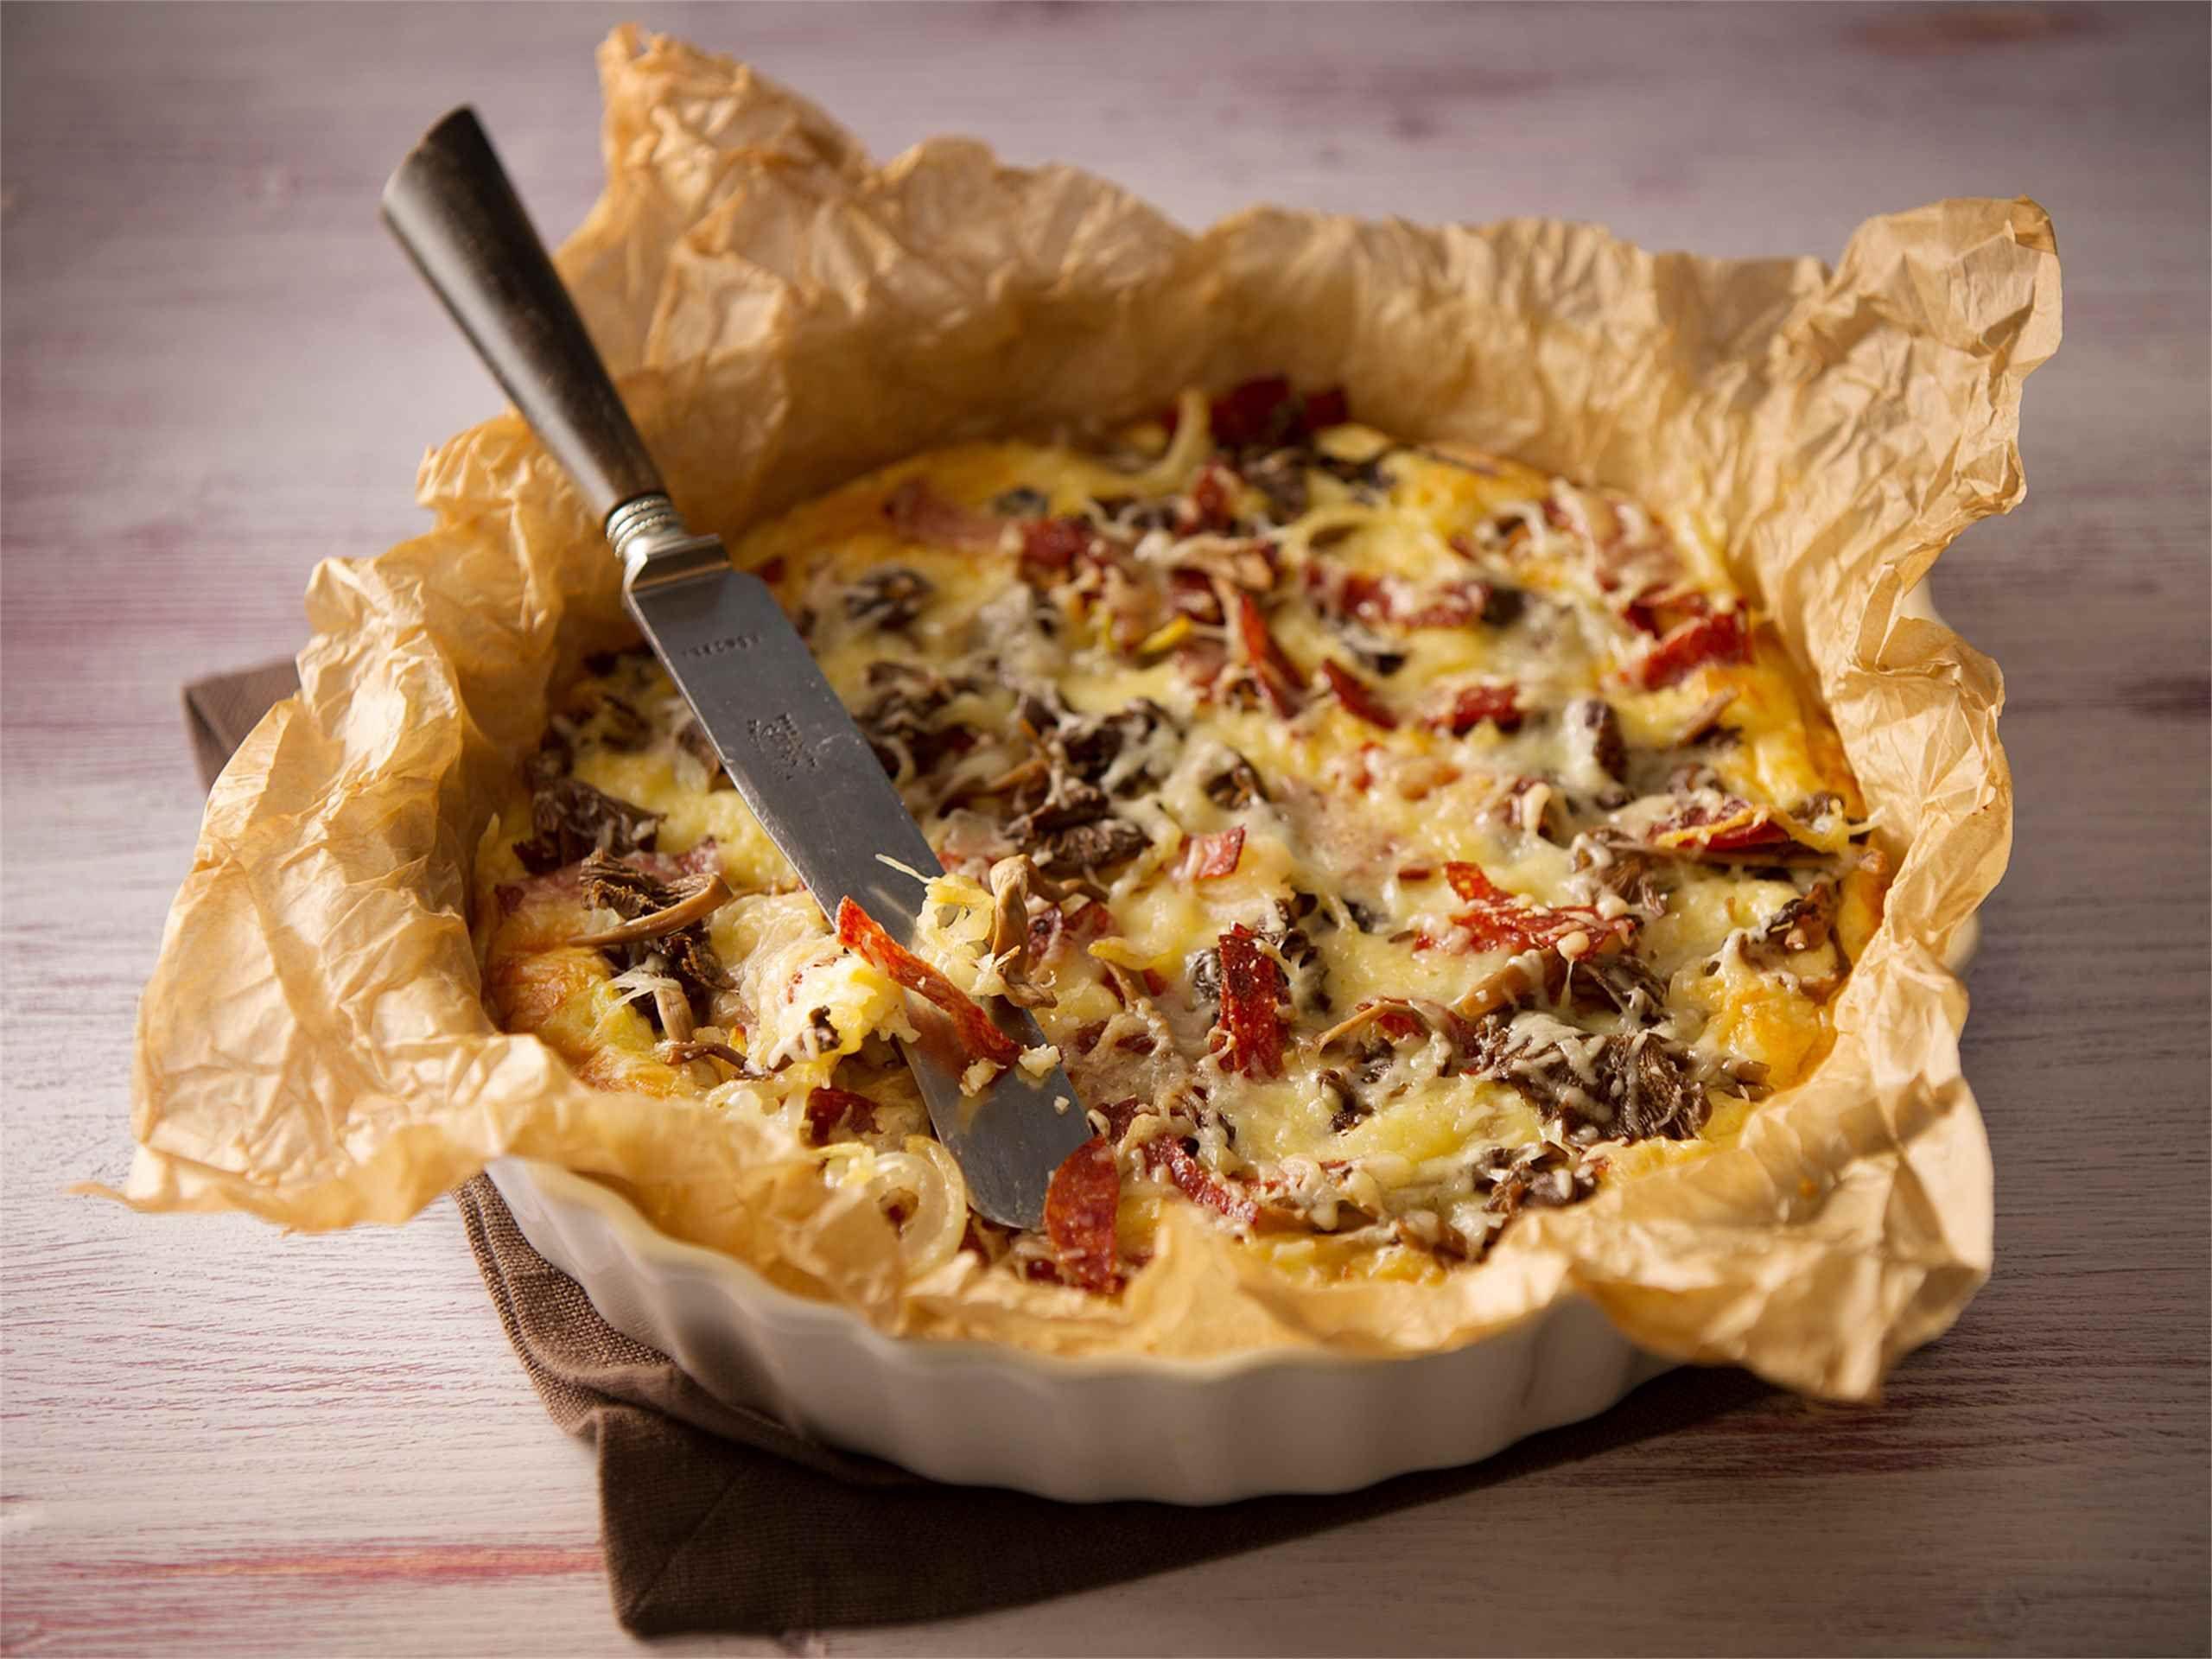 Sienipannaripiiras Pizza, pannari vai piirakka? Niistä syntyi idea pannaripiiraaseen. Valmista maukas pannari piirakkavuokaan ja päällystä sienitäytteellä. http://www.valio.fi/reseptit/sienipannaripiiras/ #valio #resepti #ruoka #recipe #food